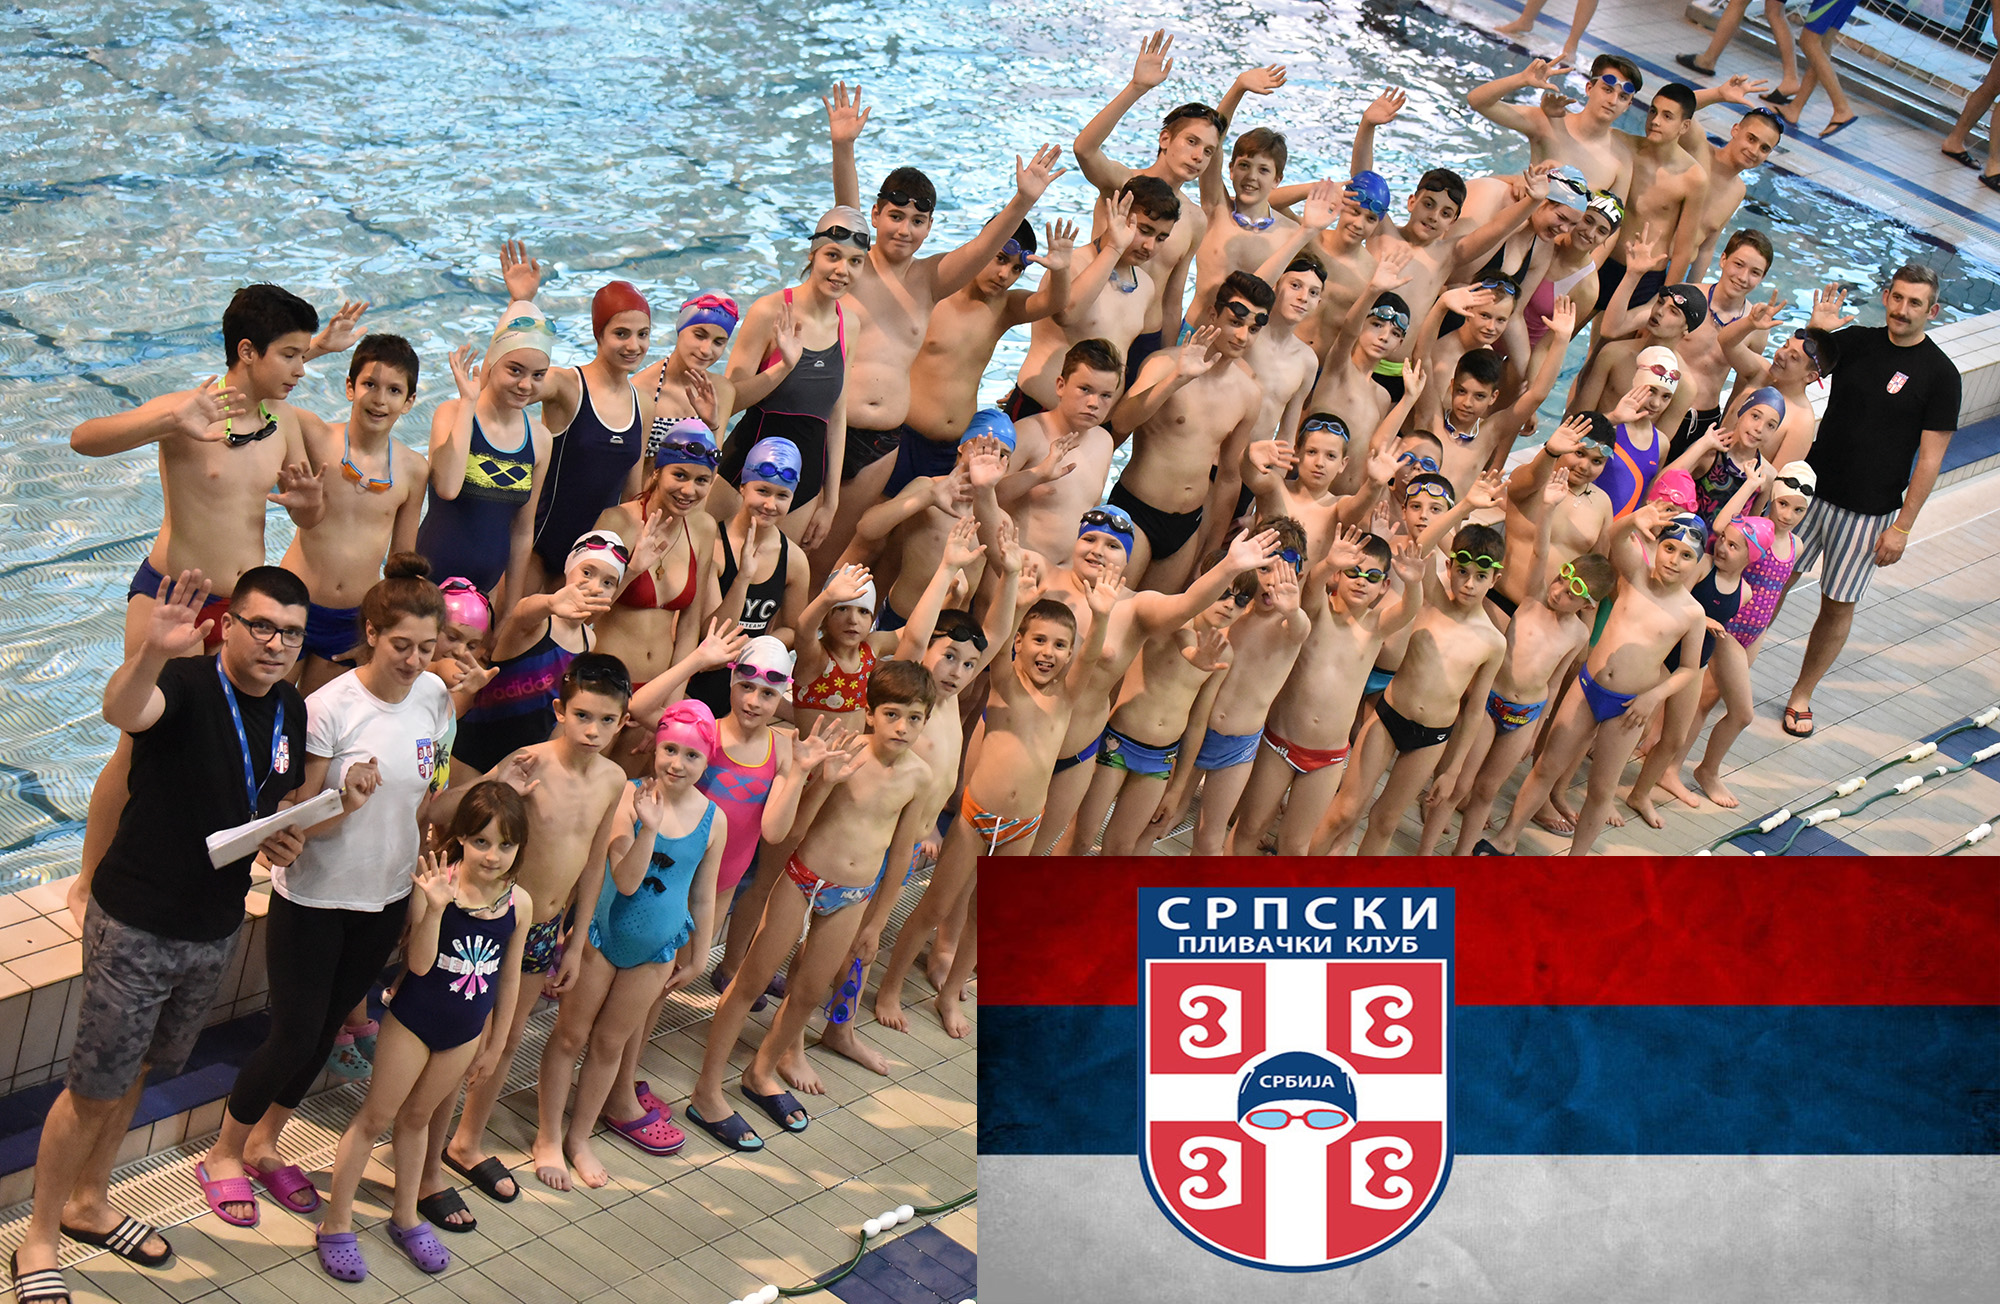 Srpski plivački klub – Nacionalna škola plivanja,Tašmajdan – Beograd